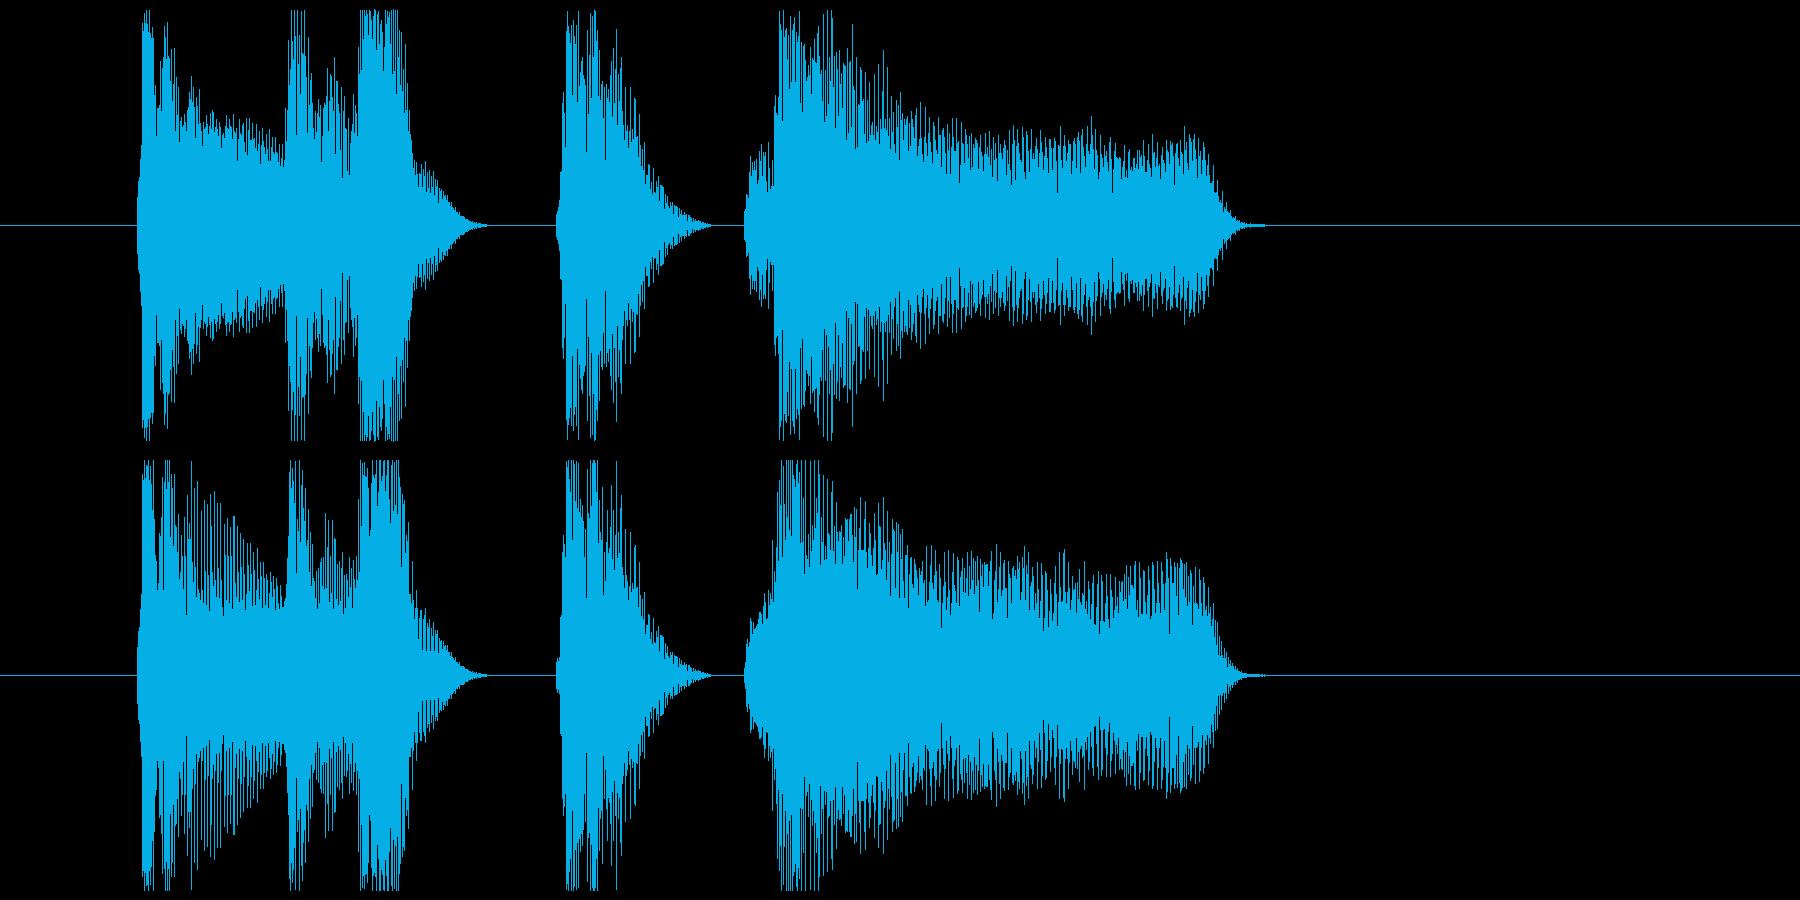 アコーディオン北欧系ほのぼのジングルの再生済みの波形